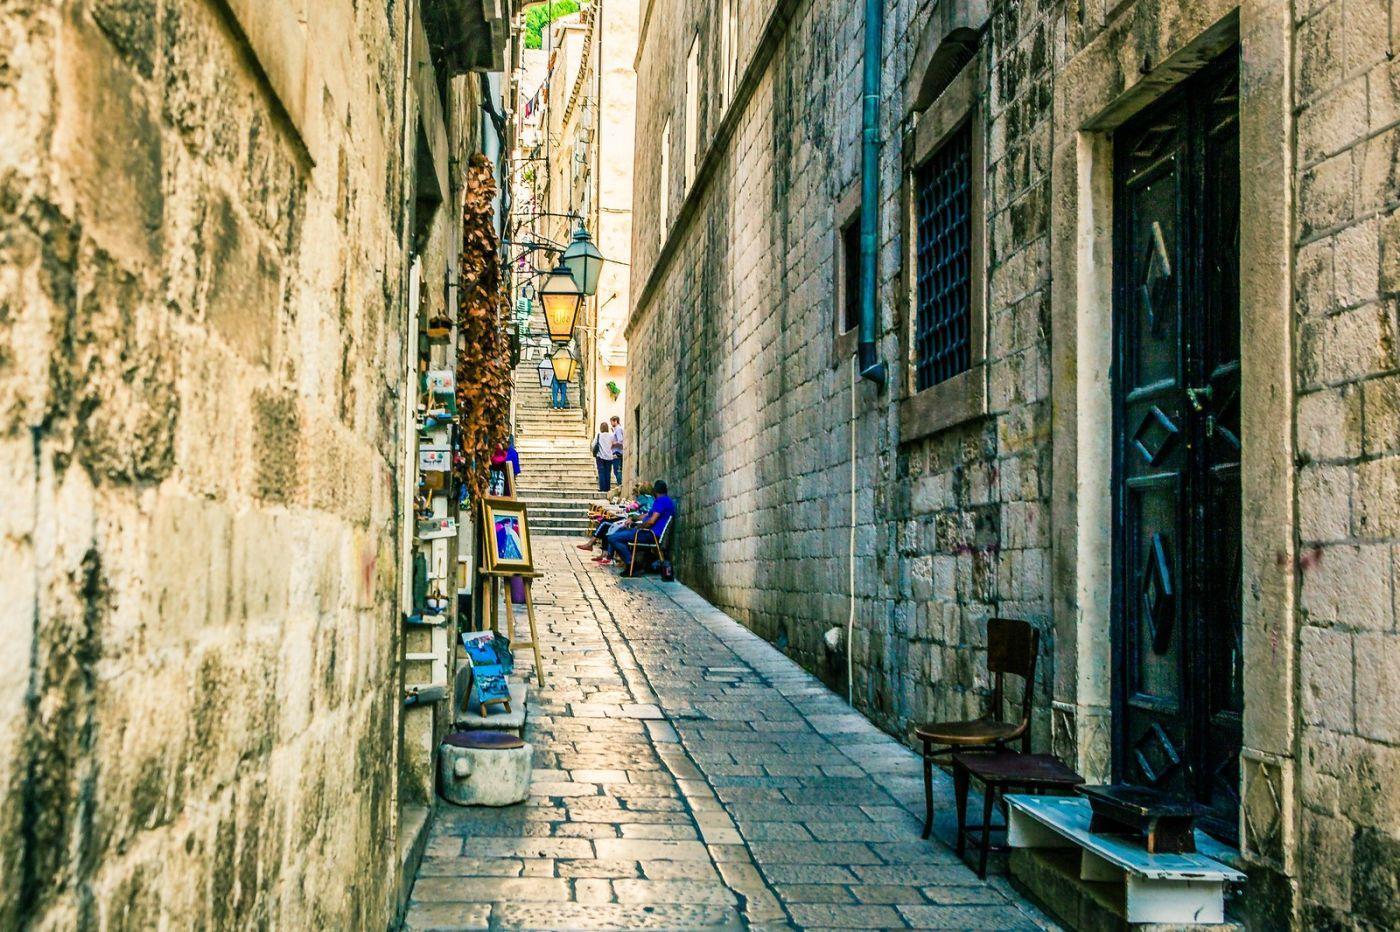 克罗地亚杜布罗夫尼克(Dubrovnik),古城小巷_图1-27